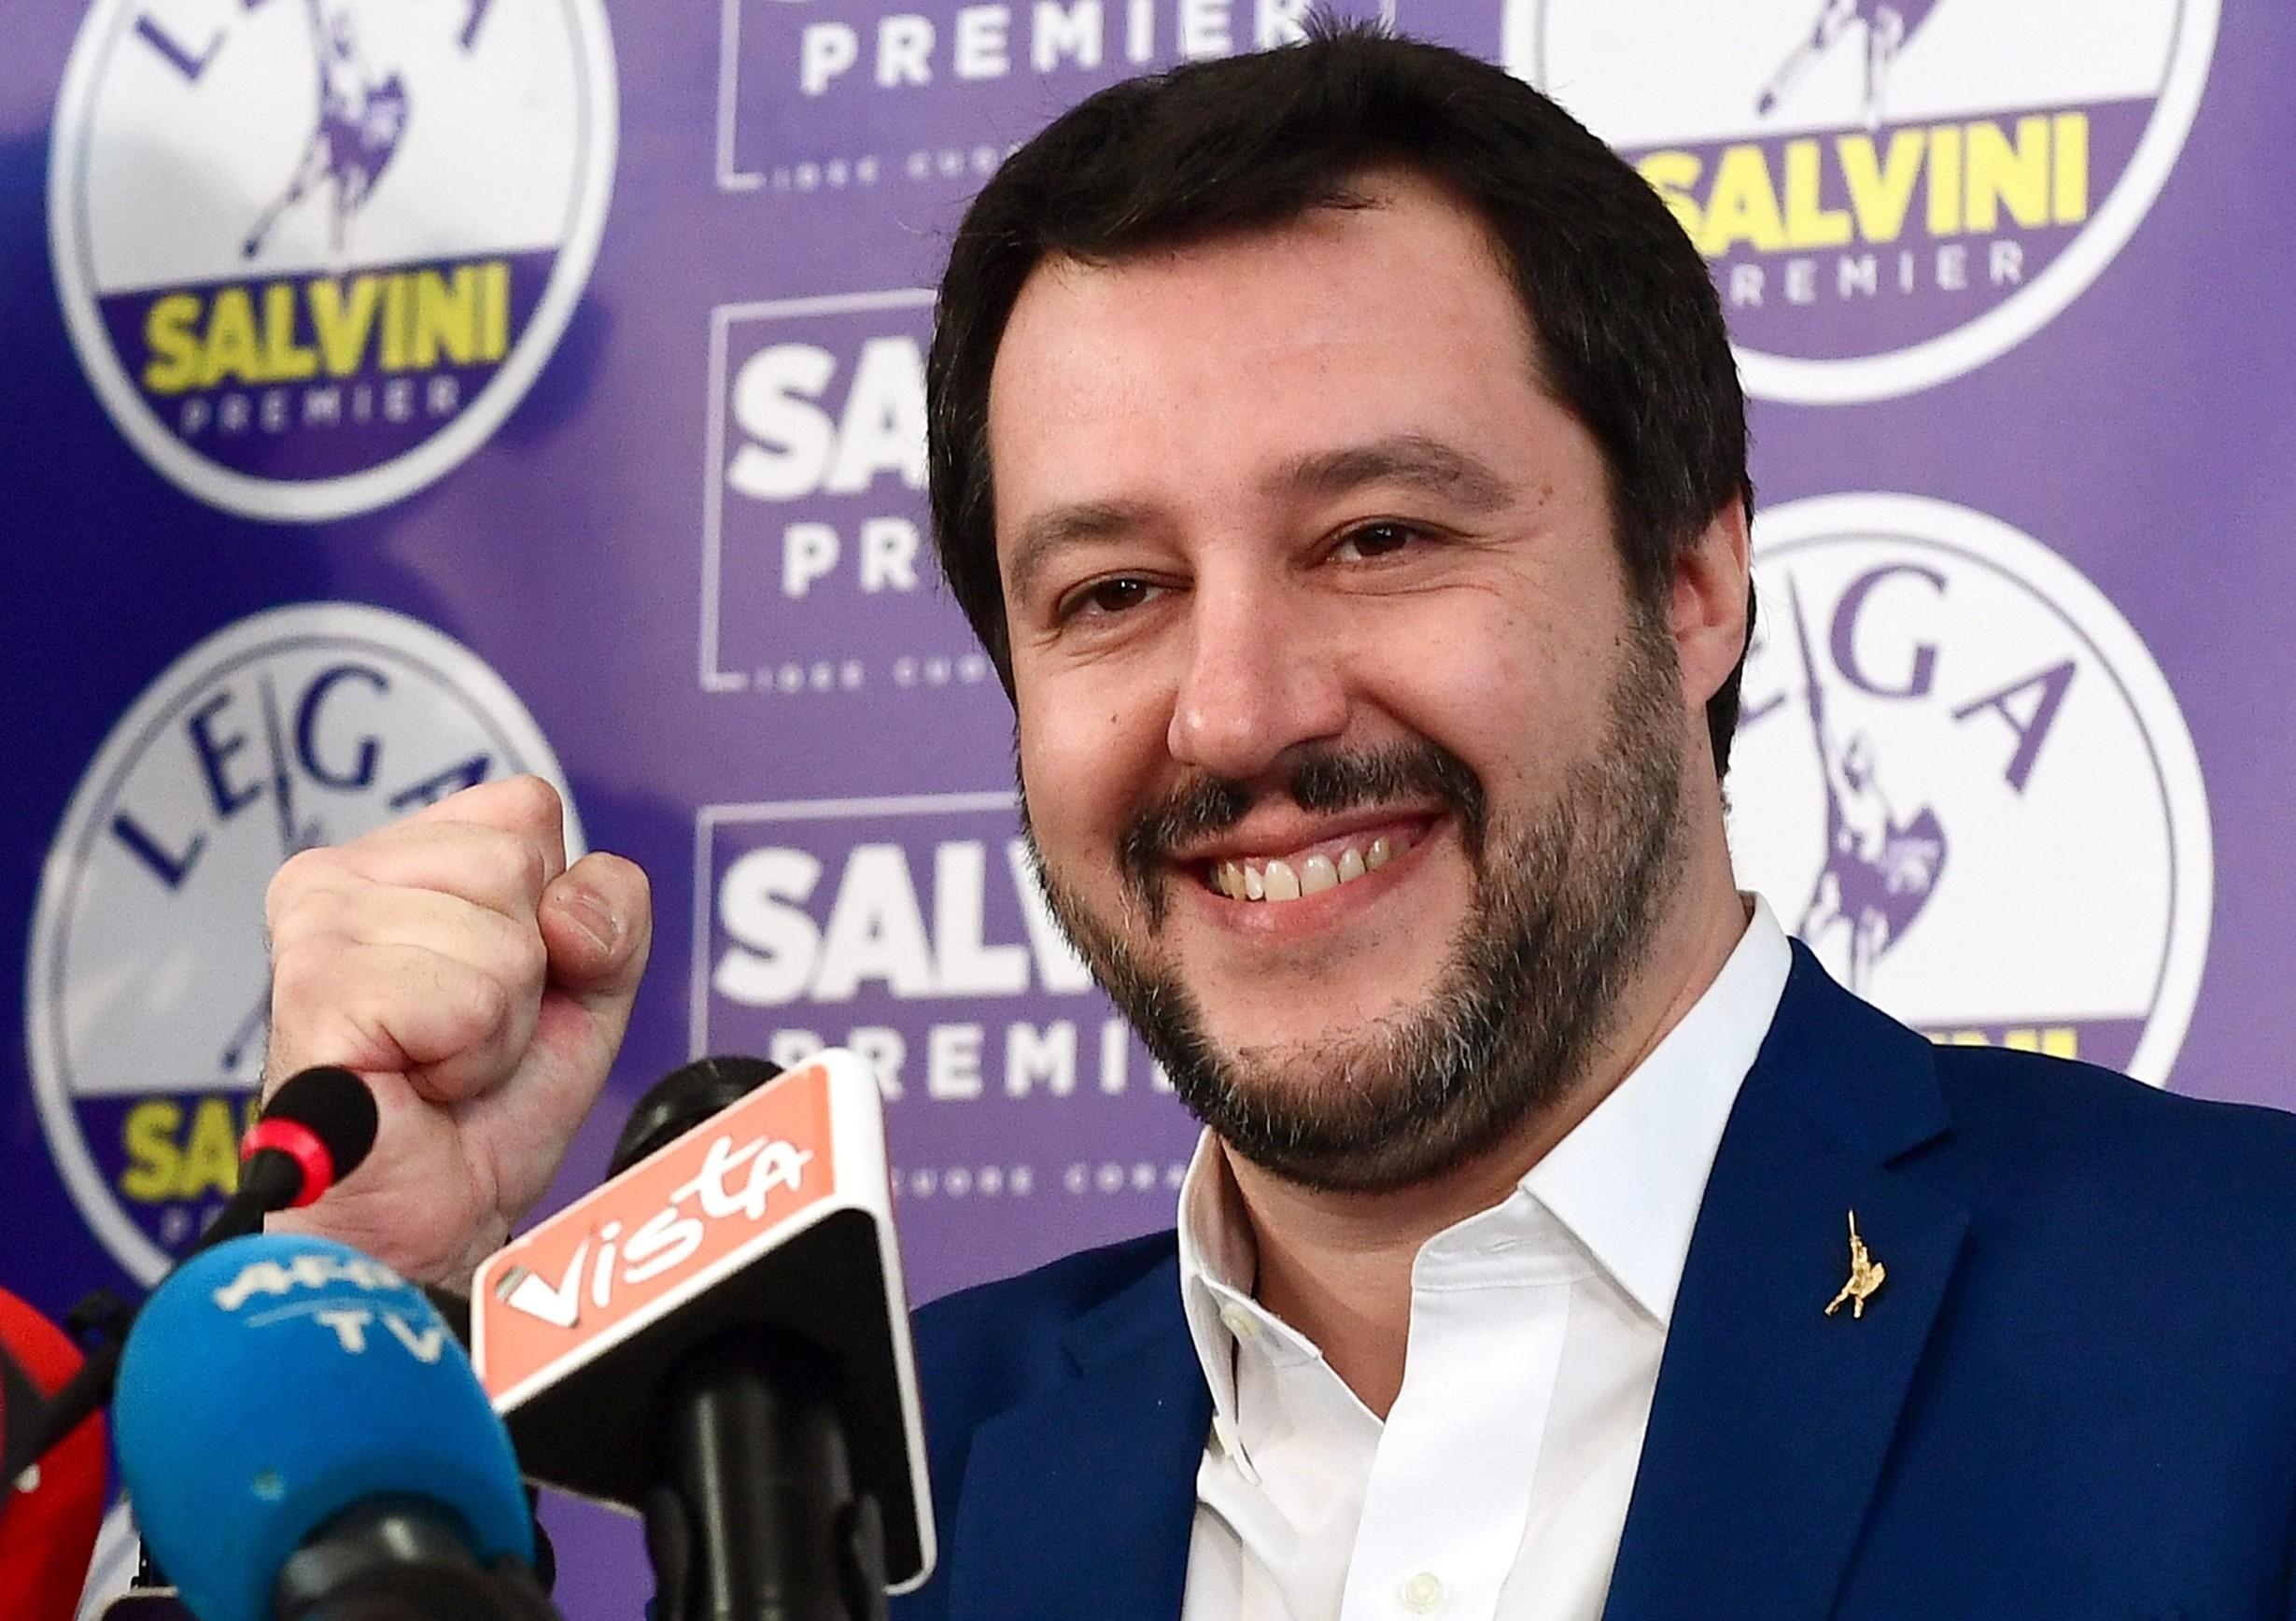 Salvini incontro Sindacati a Luglio, sno